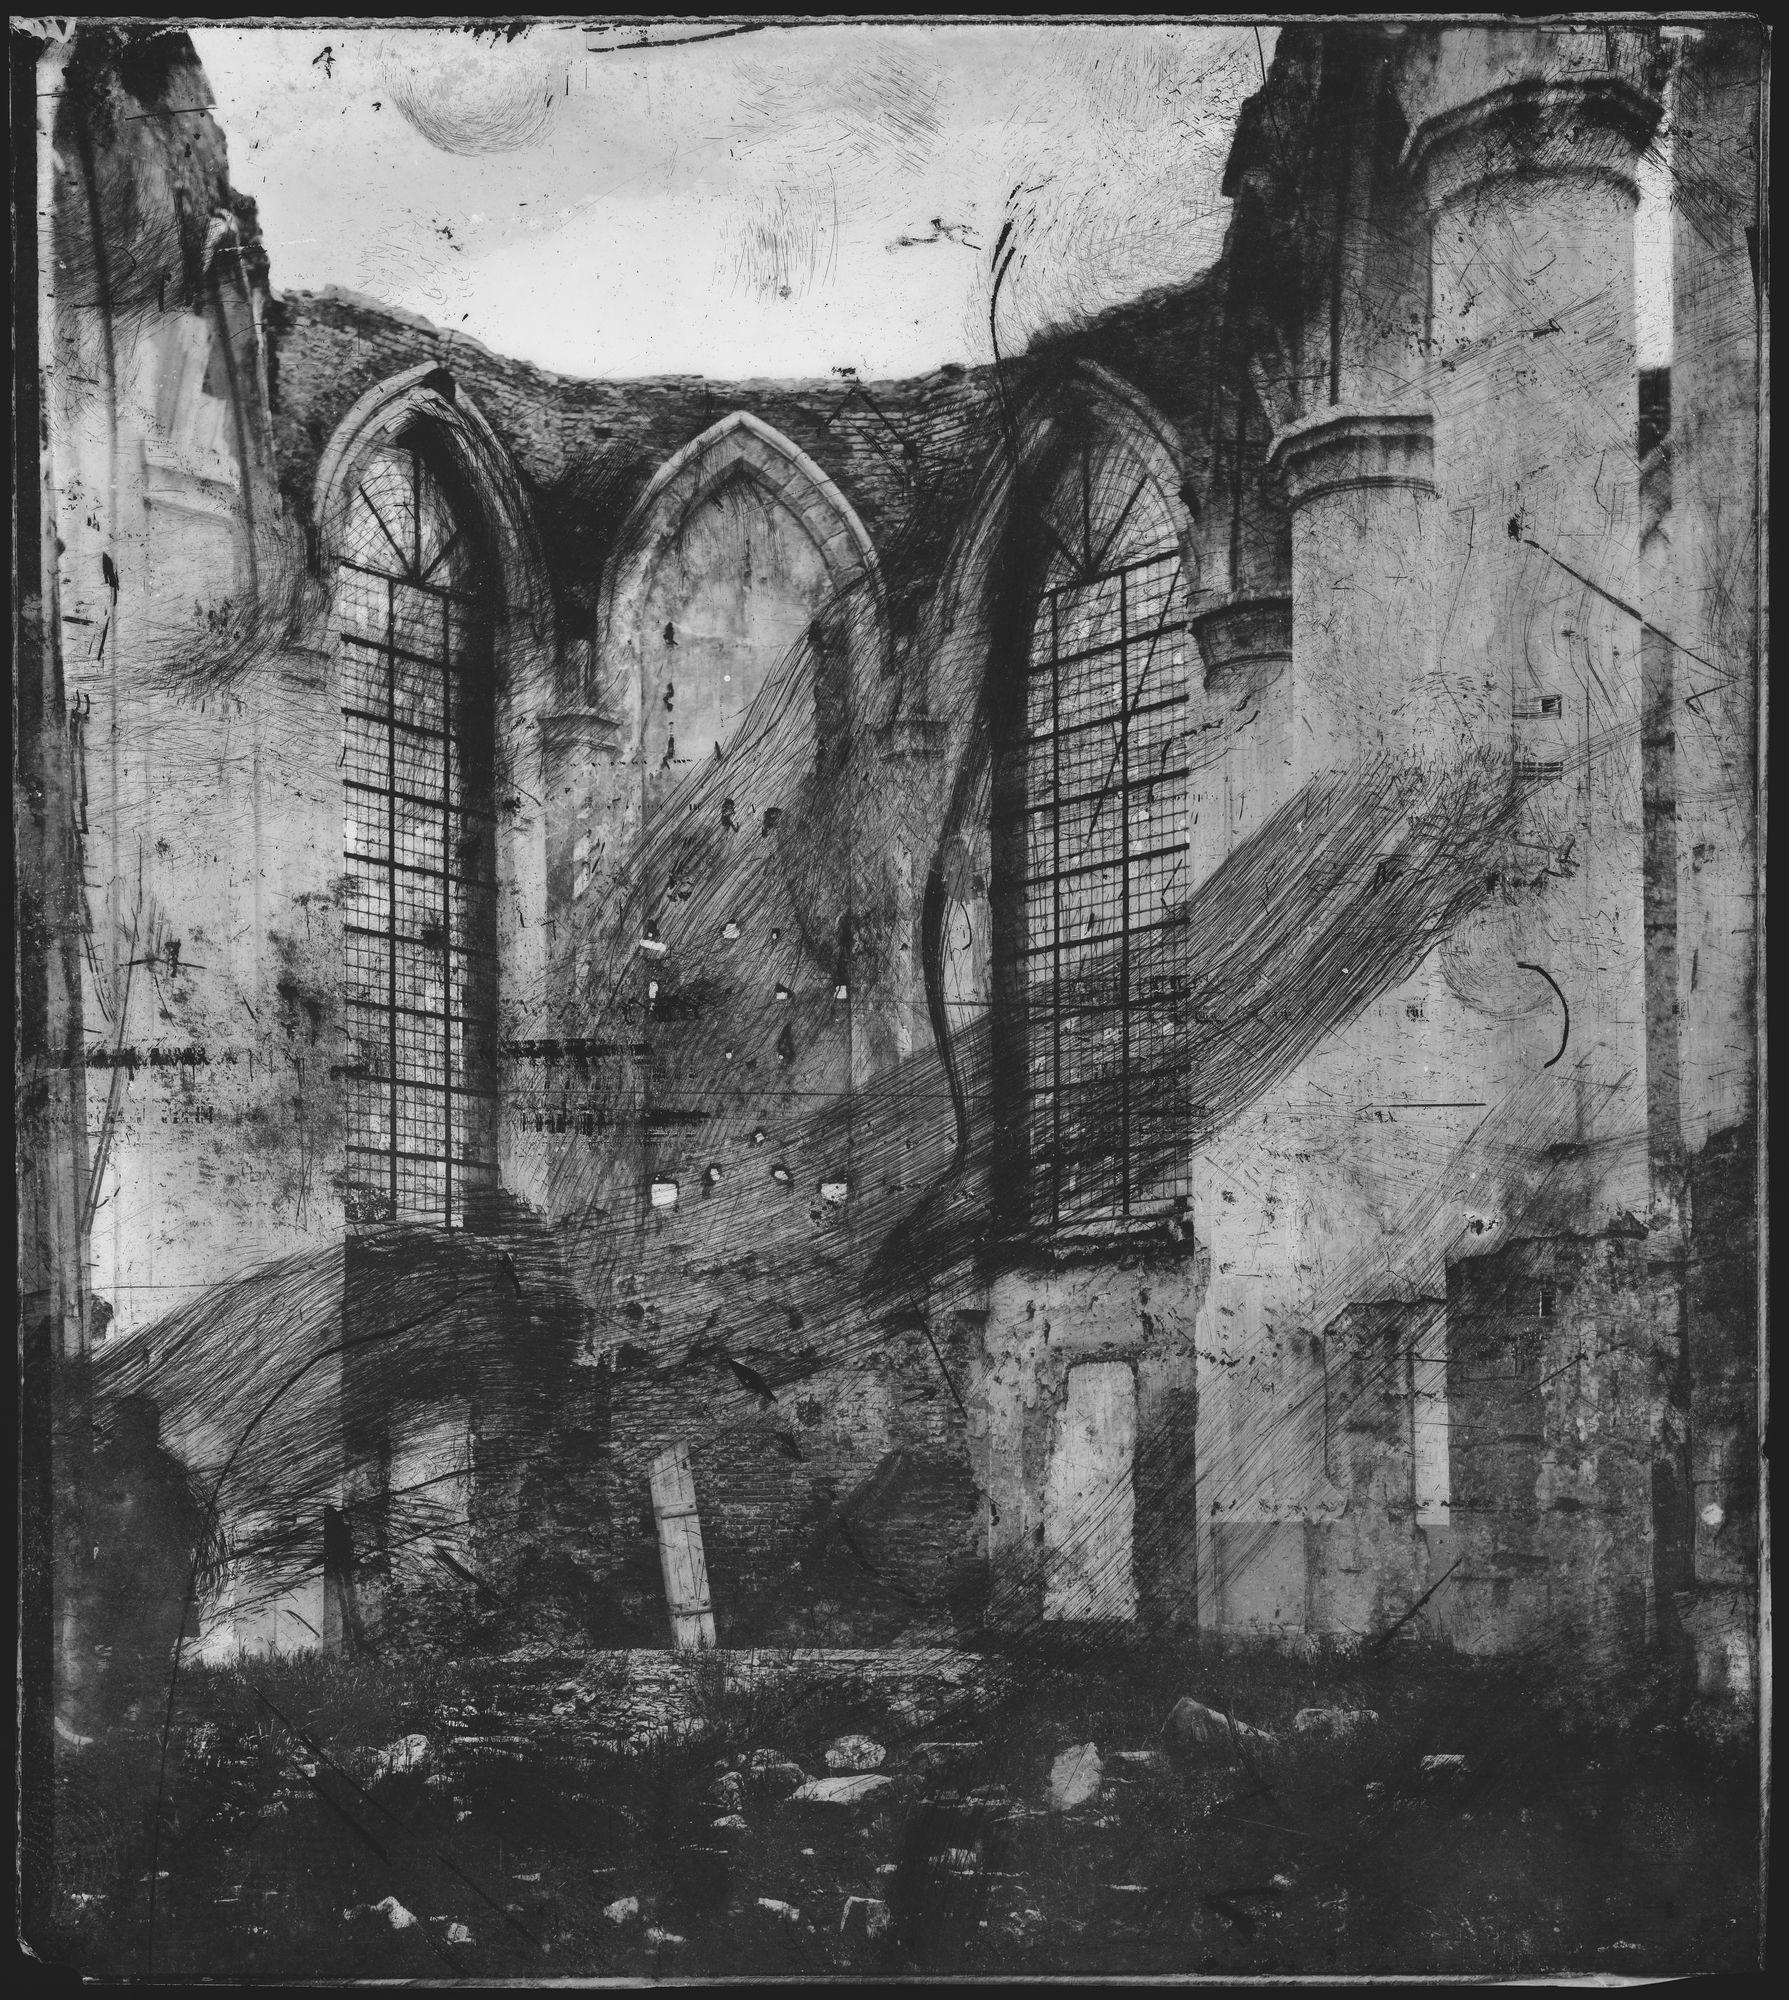 De Sint-Maartenskerk na de blikseminslag in 1862